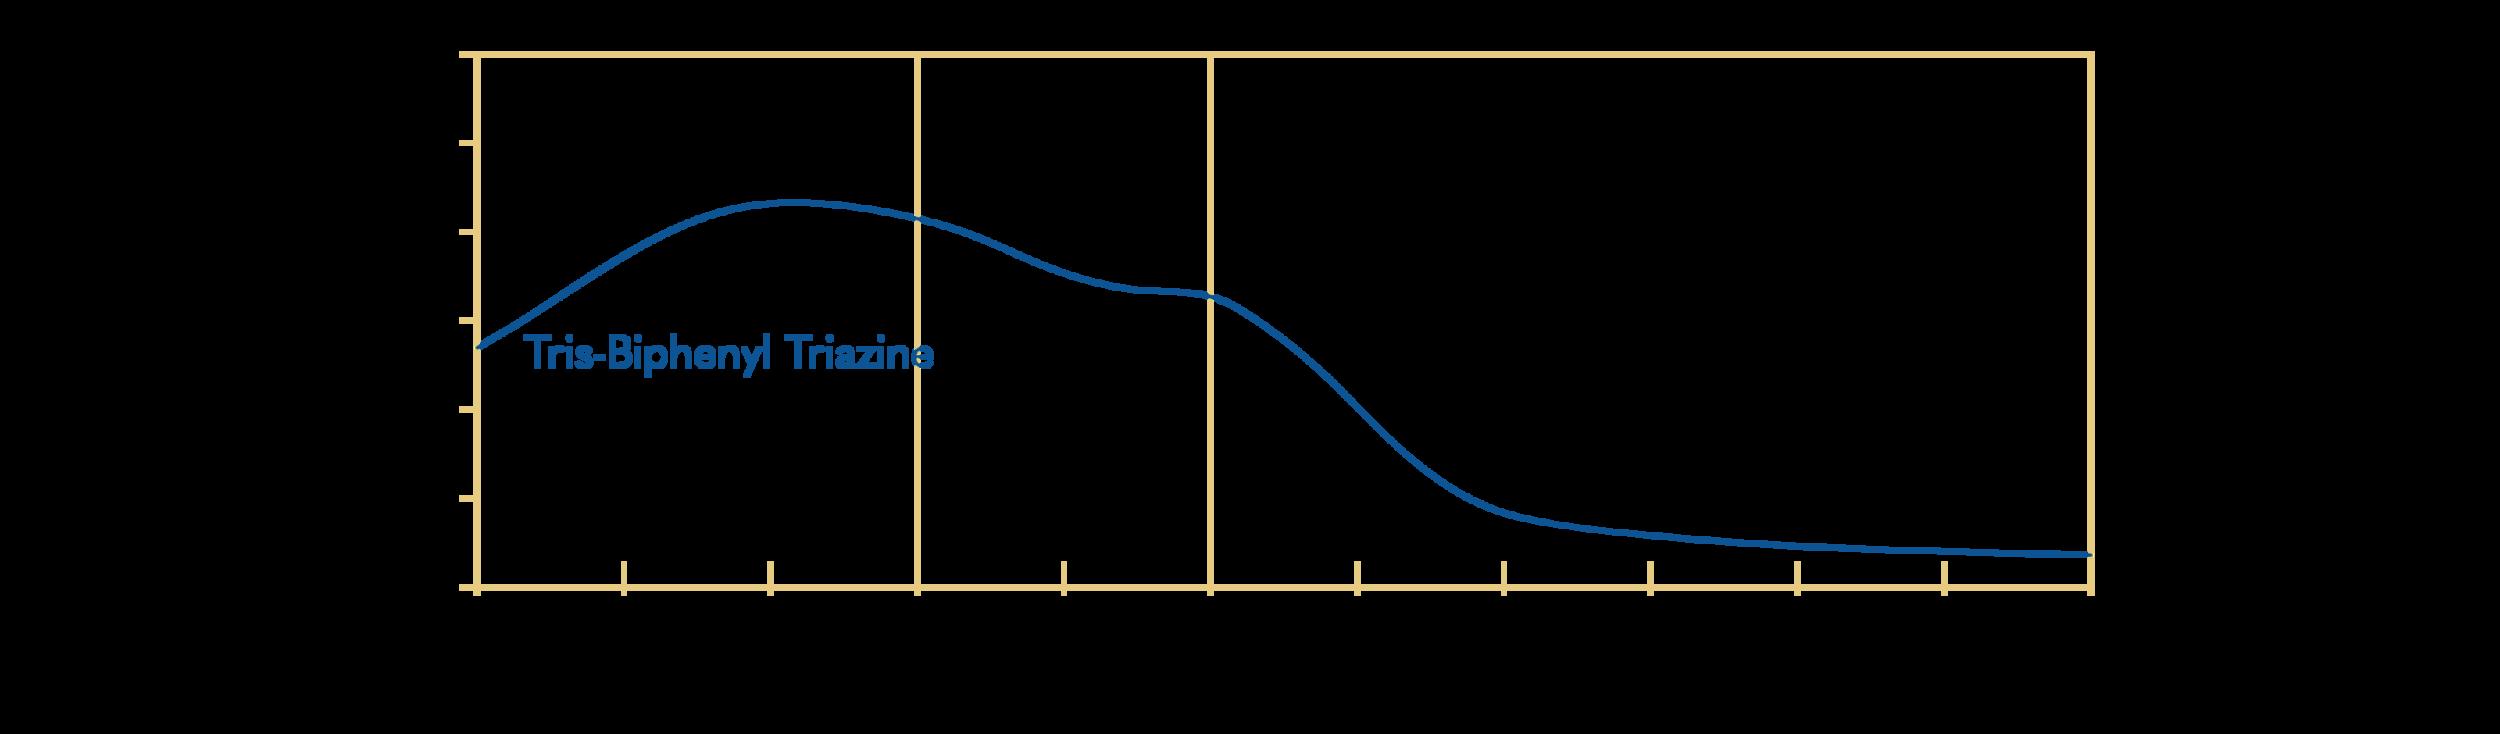 INCI: Tris-Biphenyl Triazine (nano); Tinosorb A2B (nano) (BASF)